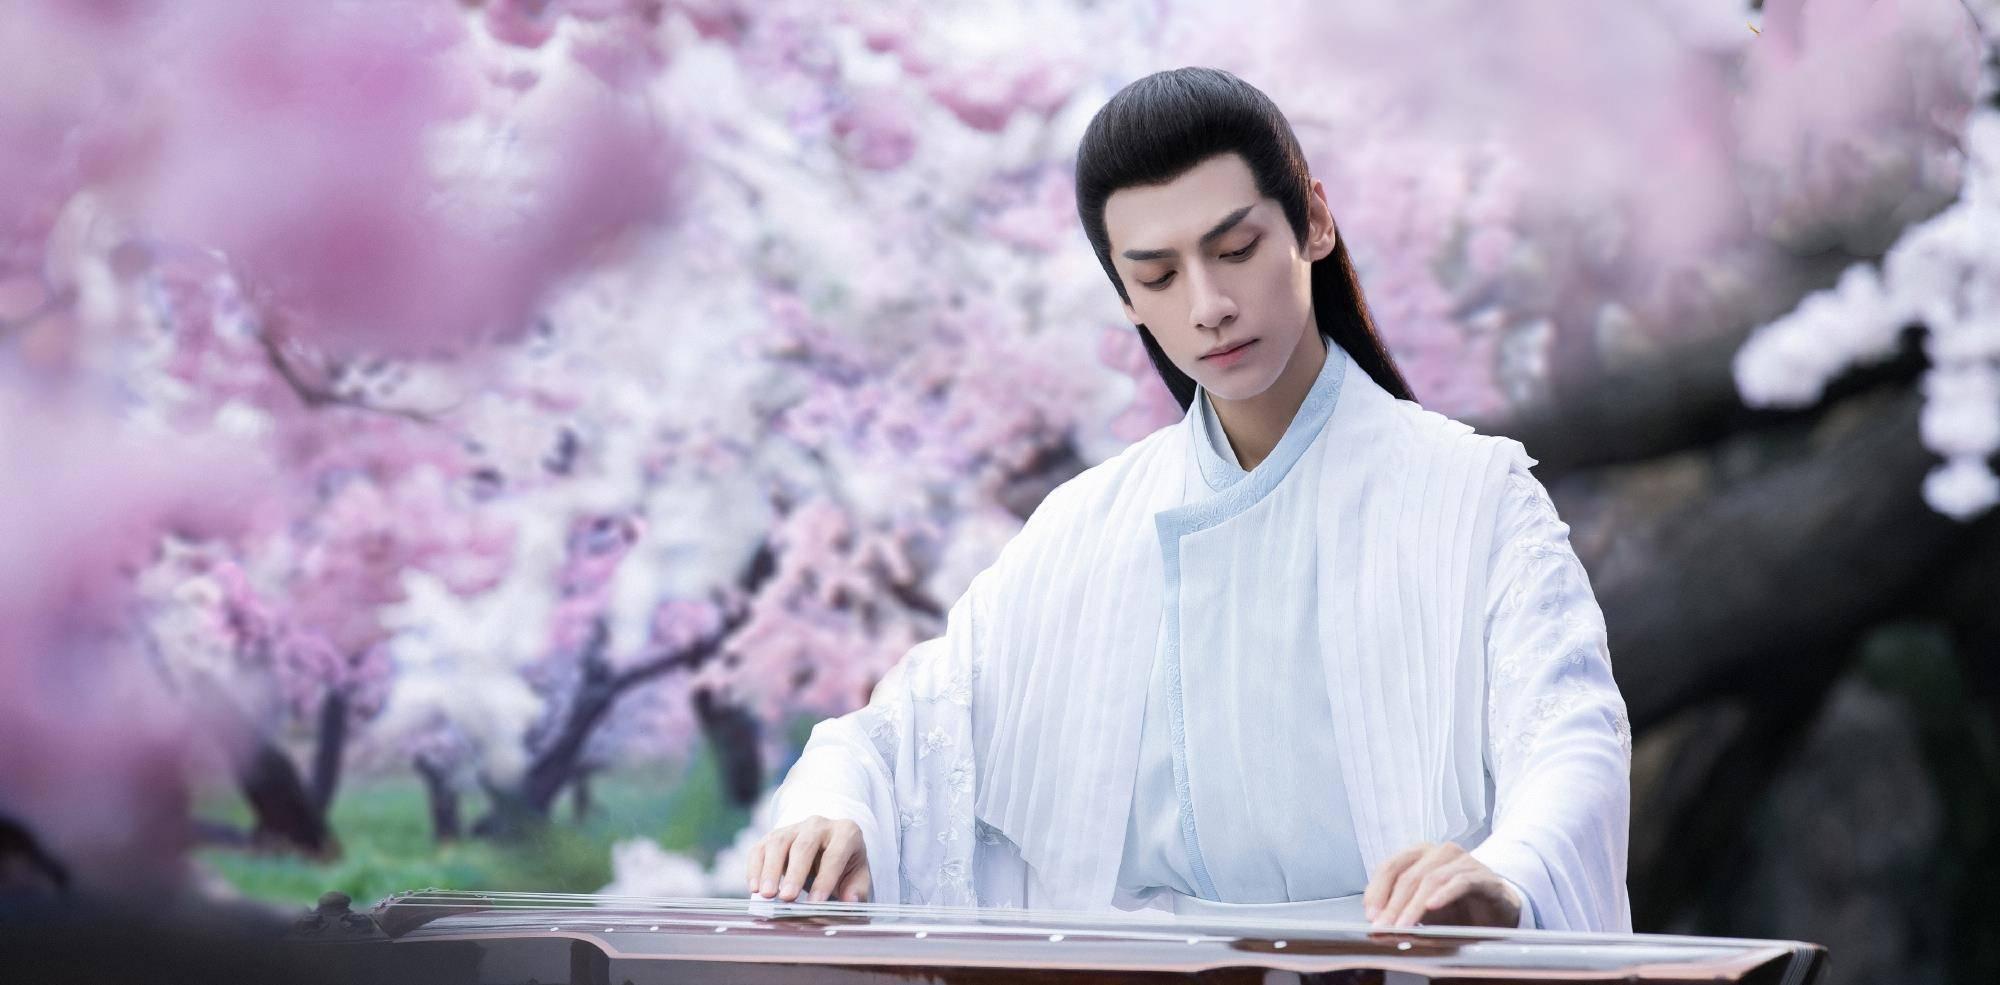 罗云熙的古装扮相为何仙气飘飘?